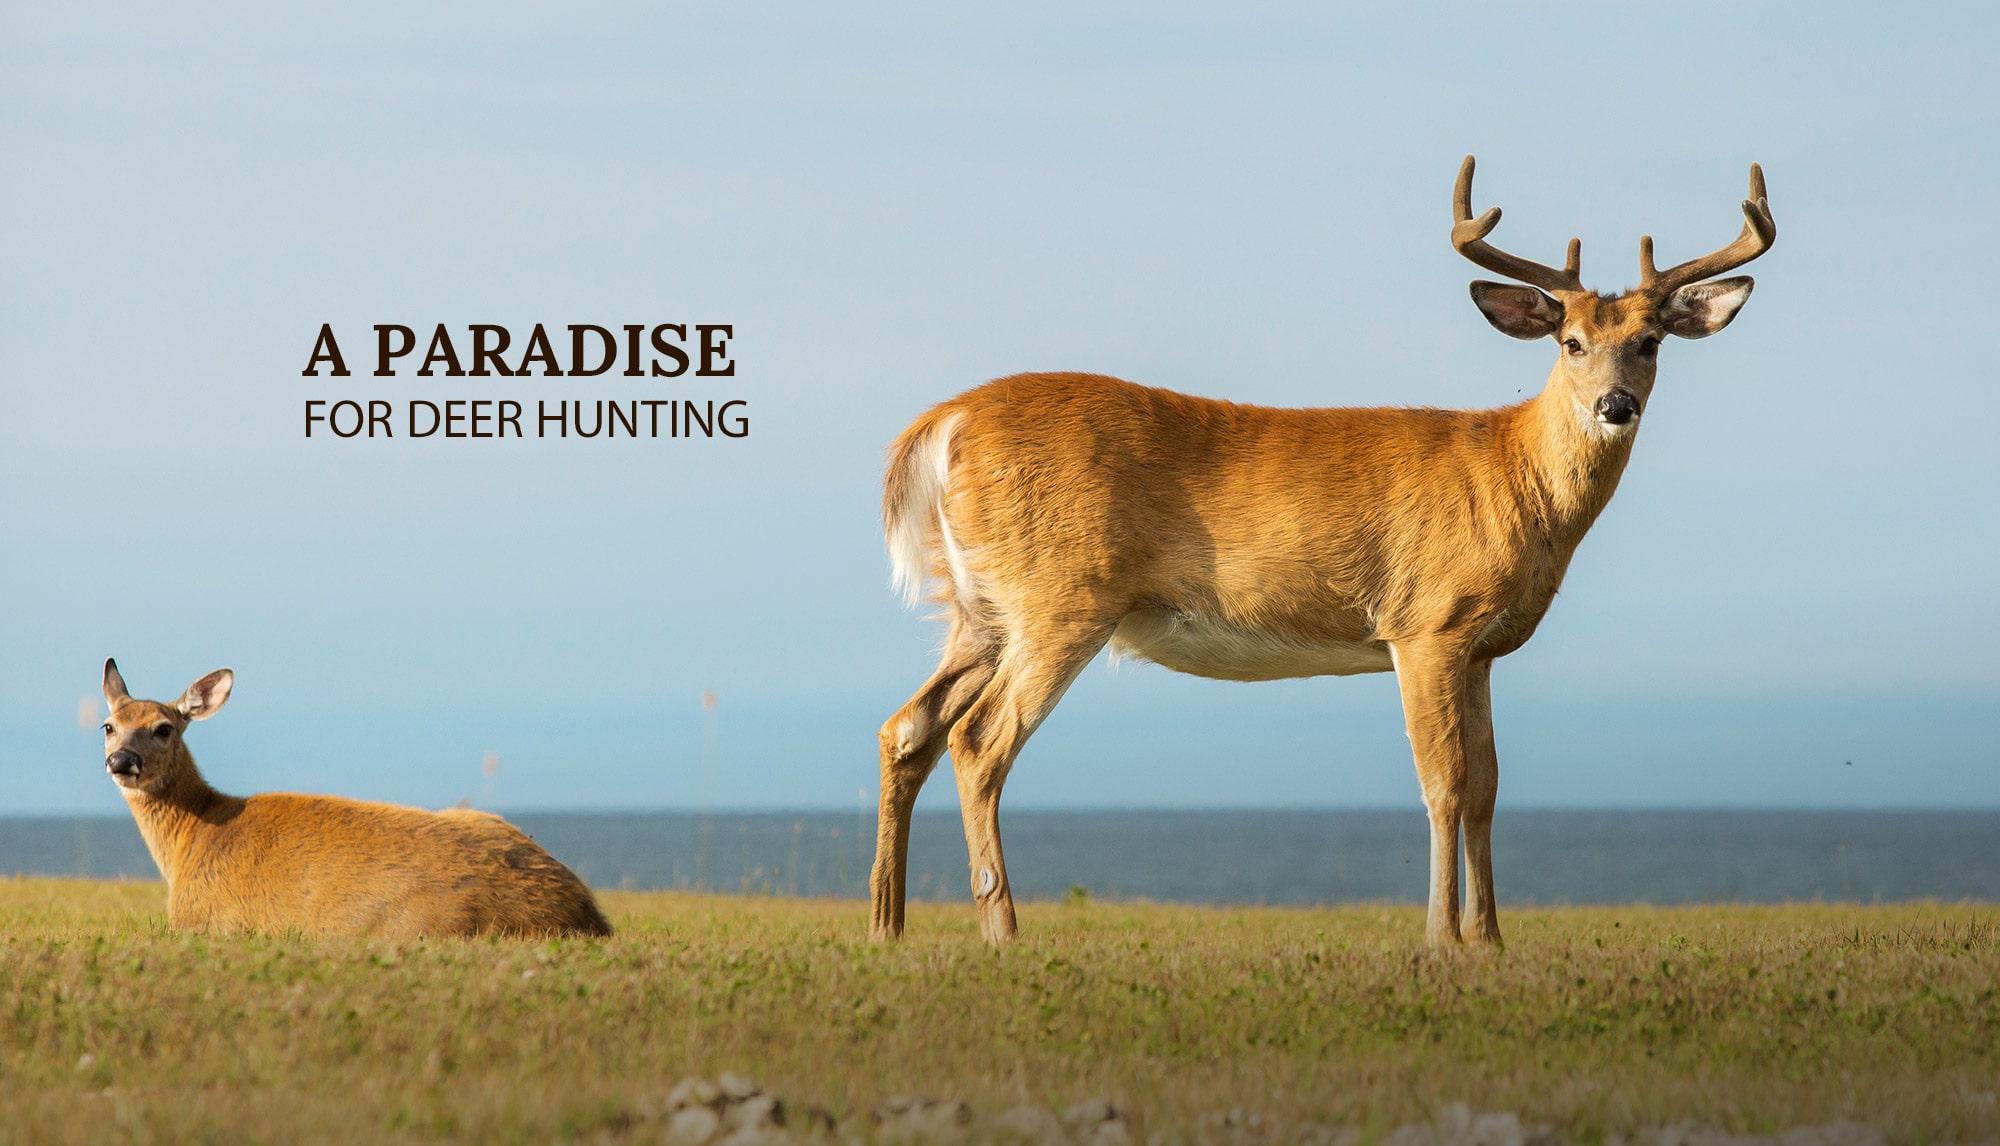 paradis pour chasse aux cerfs